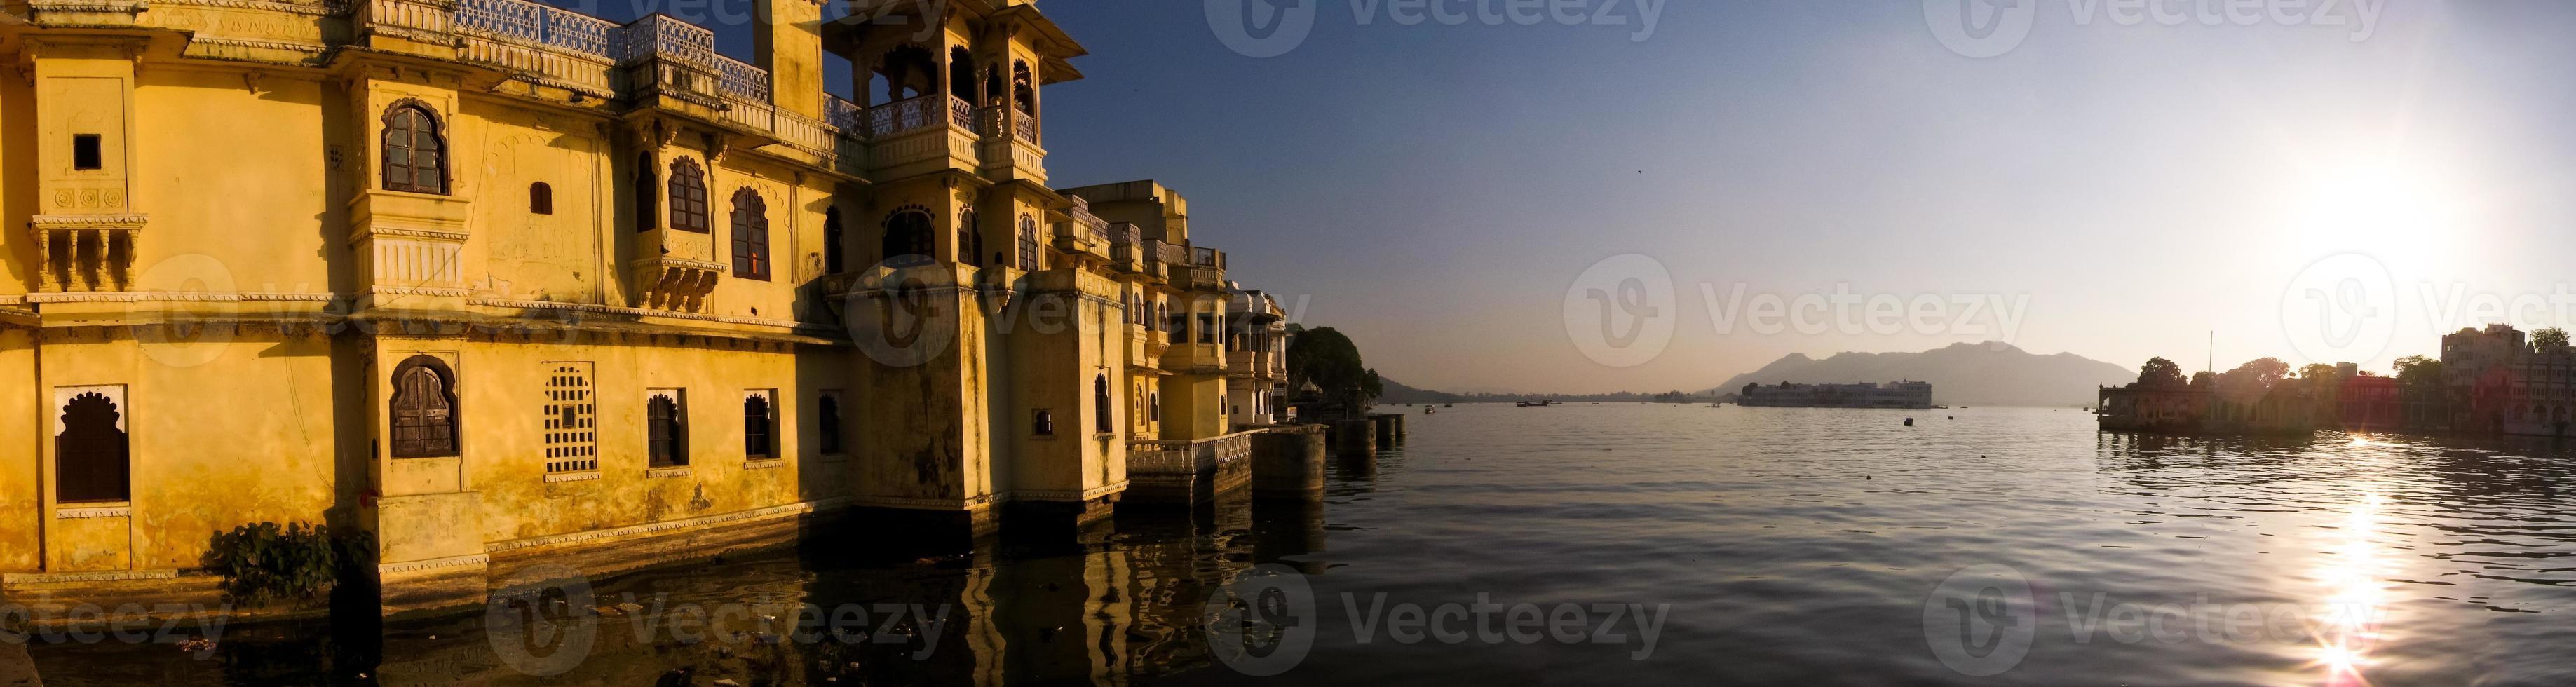 solnedgång över palatset och sjön foto